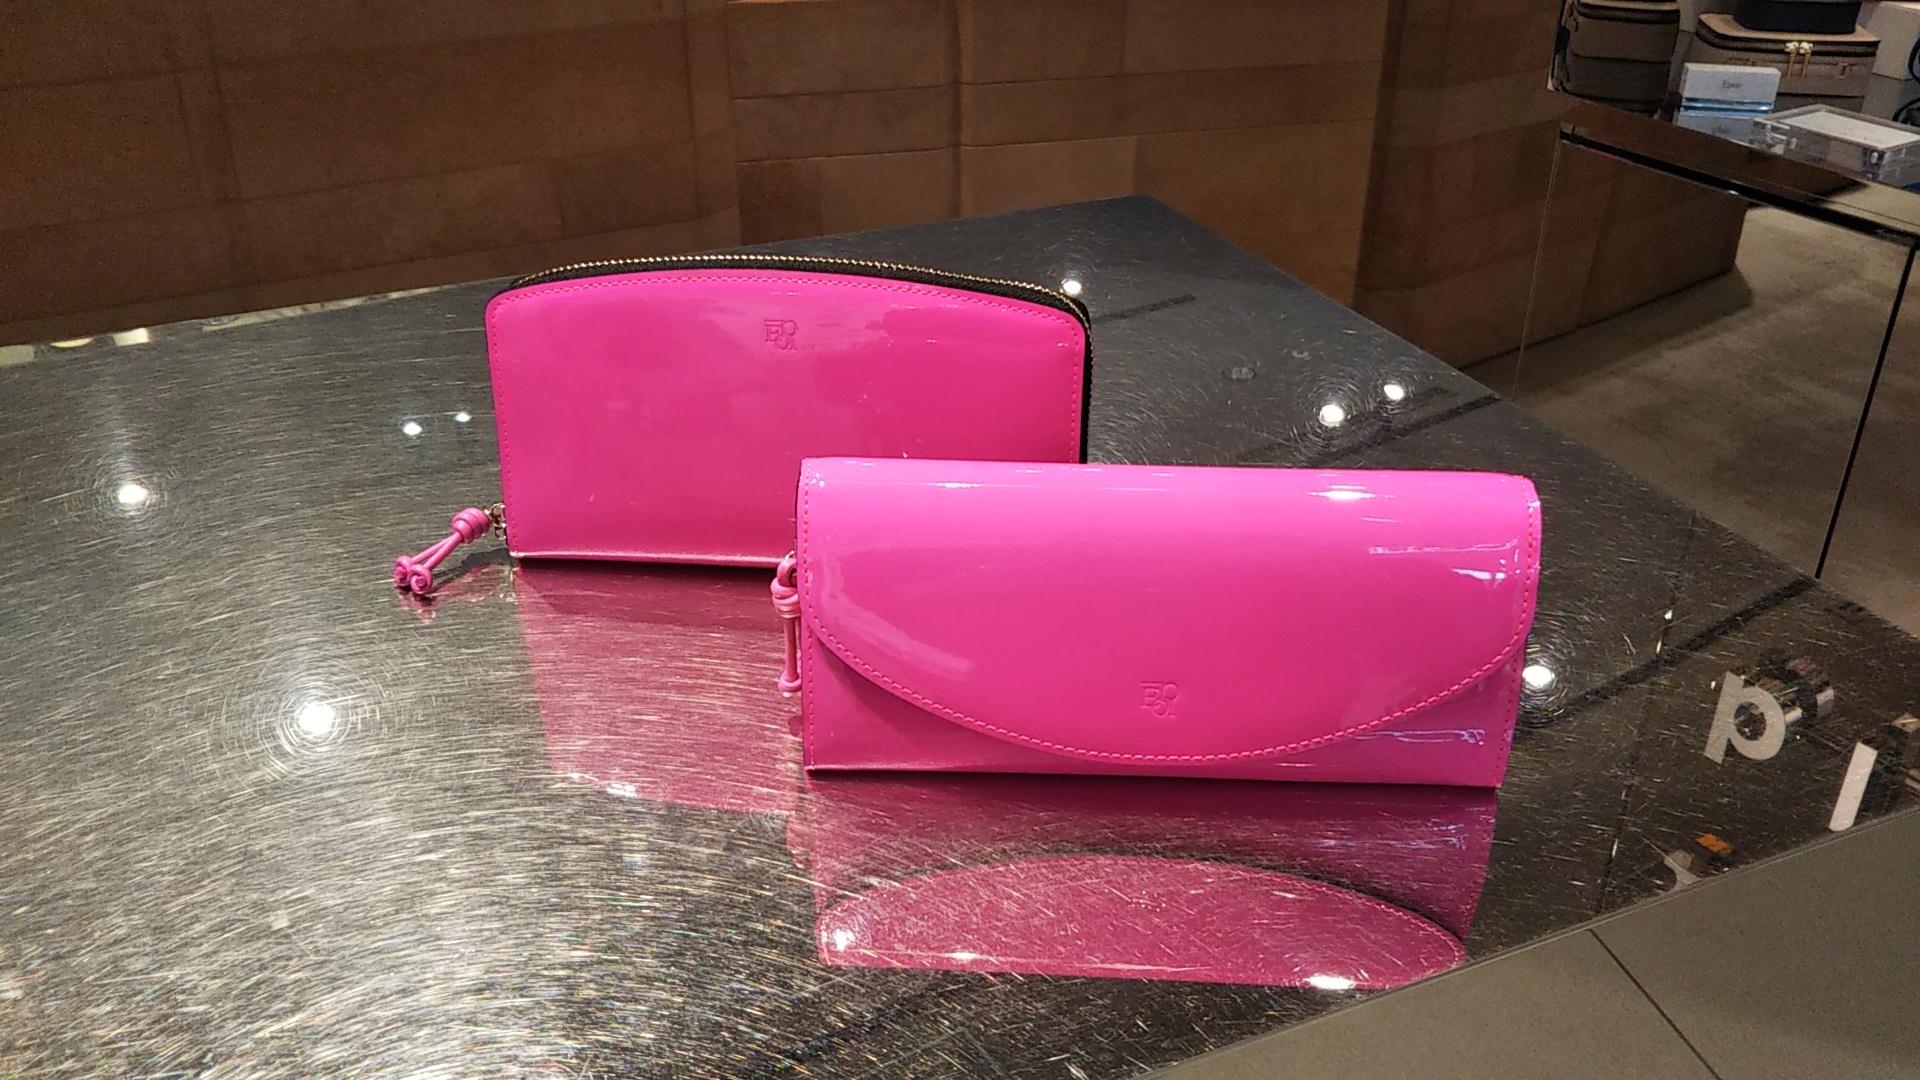 大人気ネオンピンクの長財布